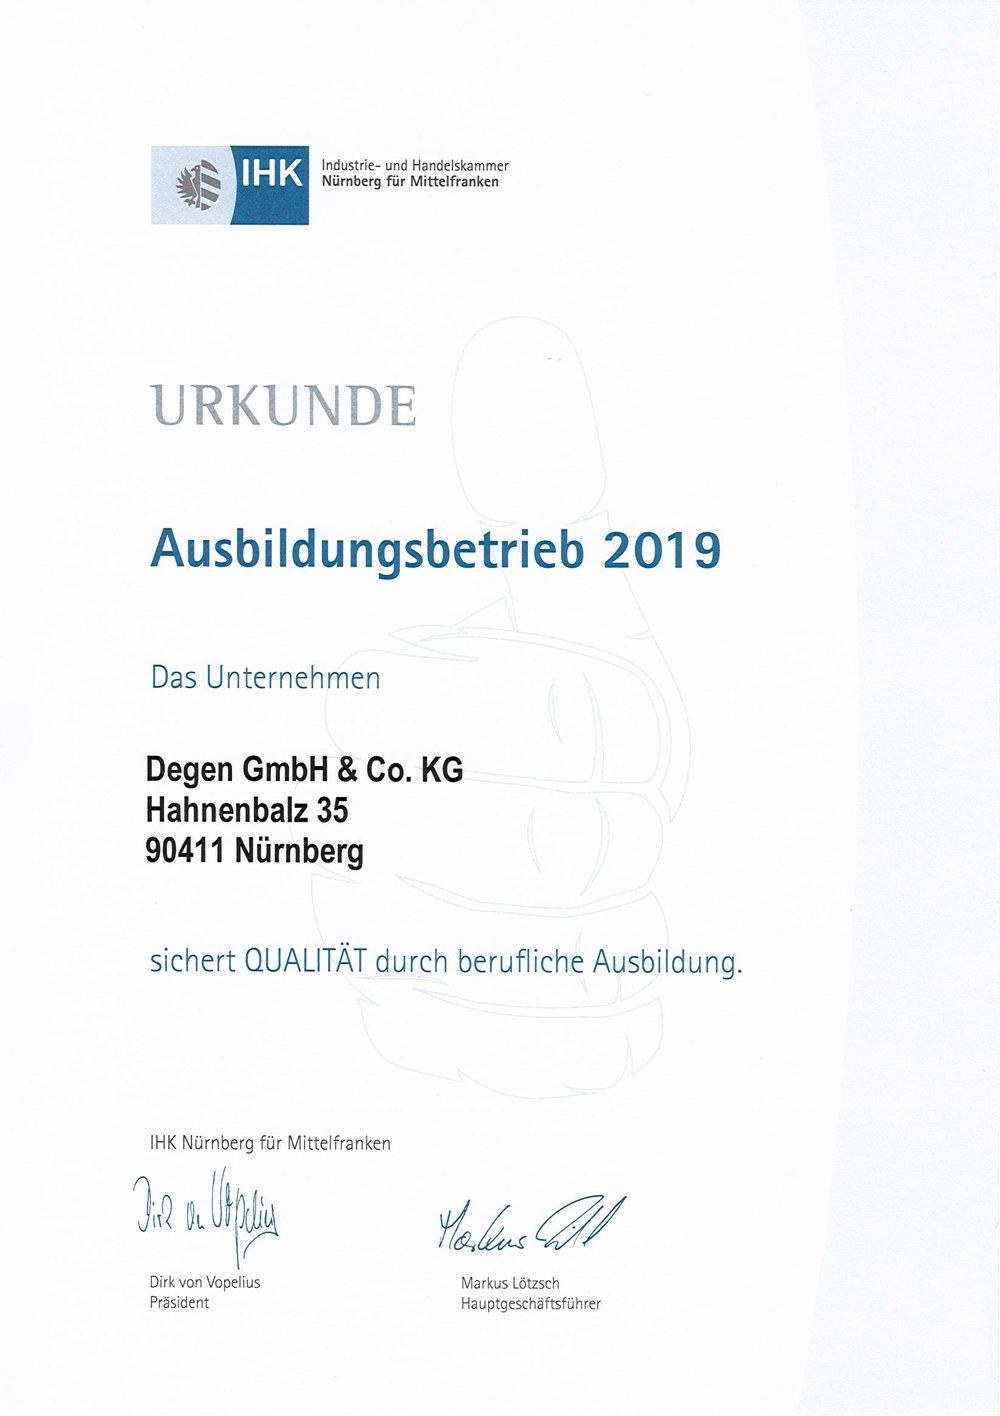 IHK Ausbildungsbetrieb 2019.jpg